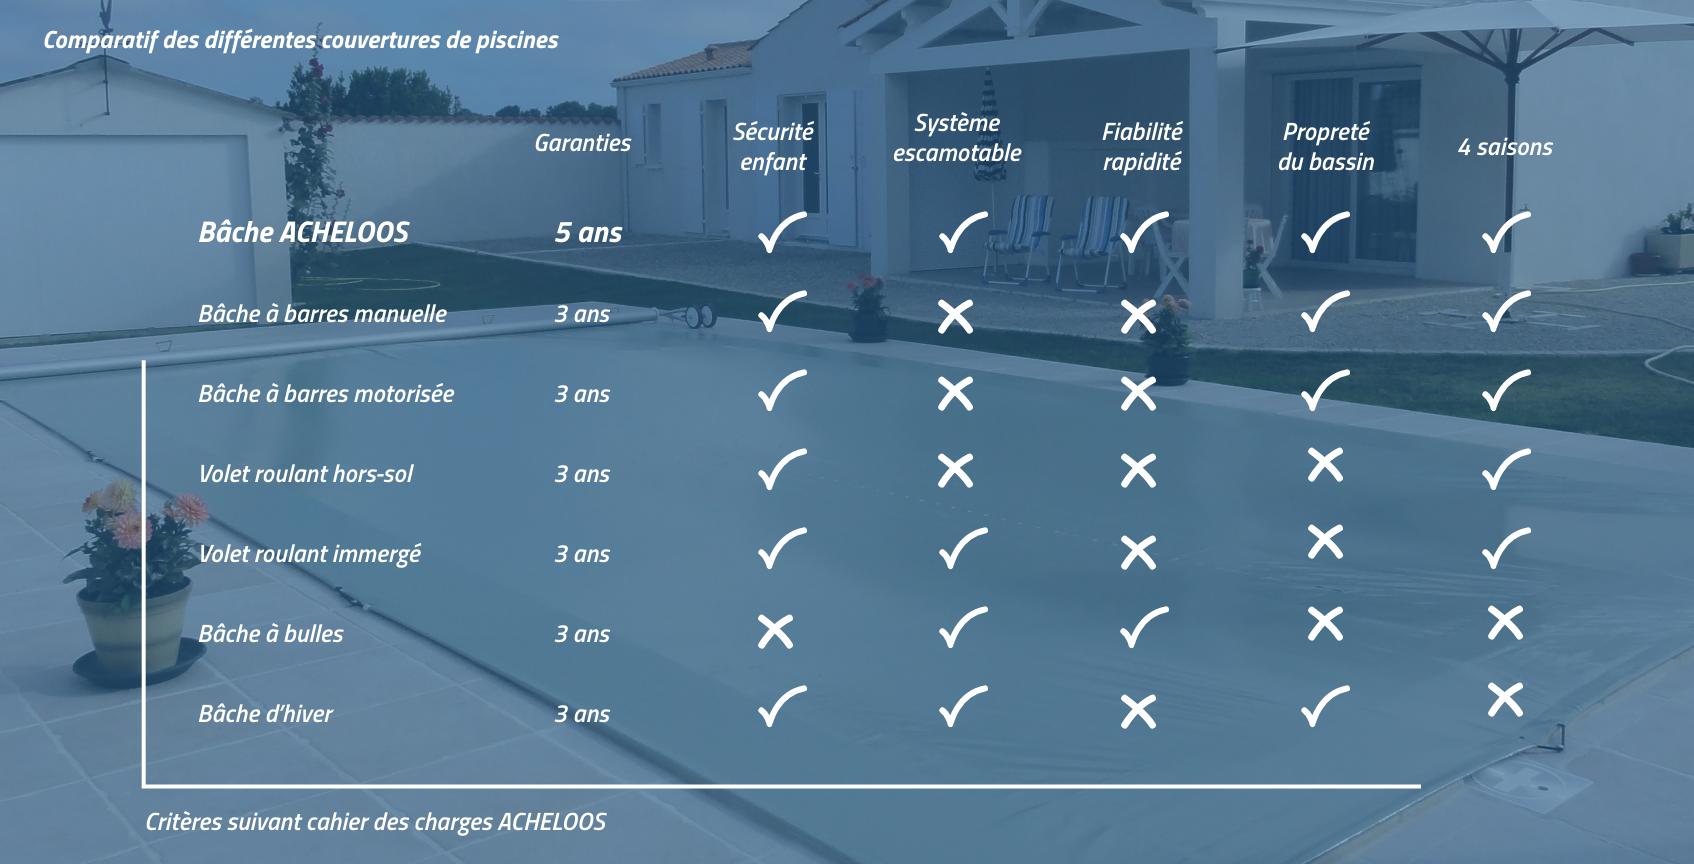 Tableau comparatif bâche piscine